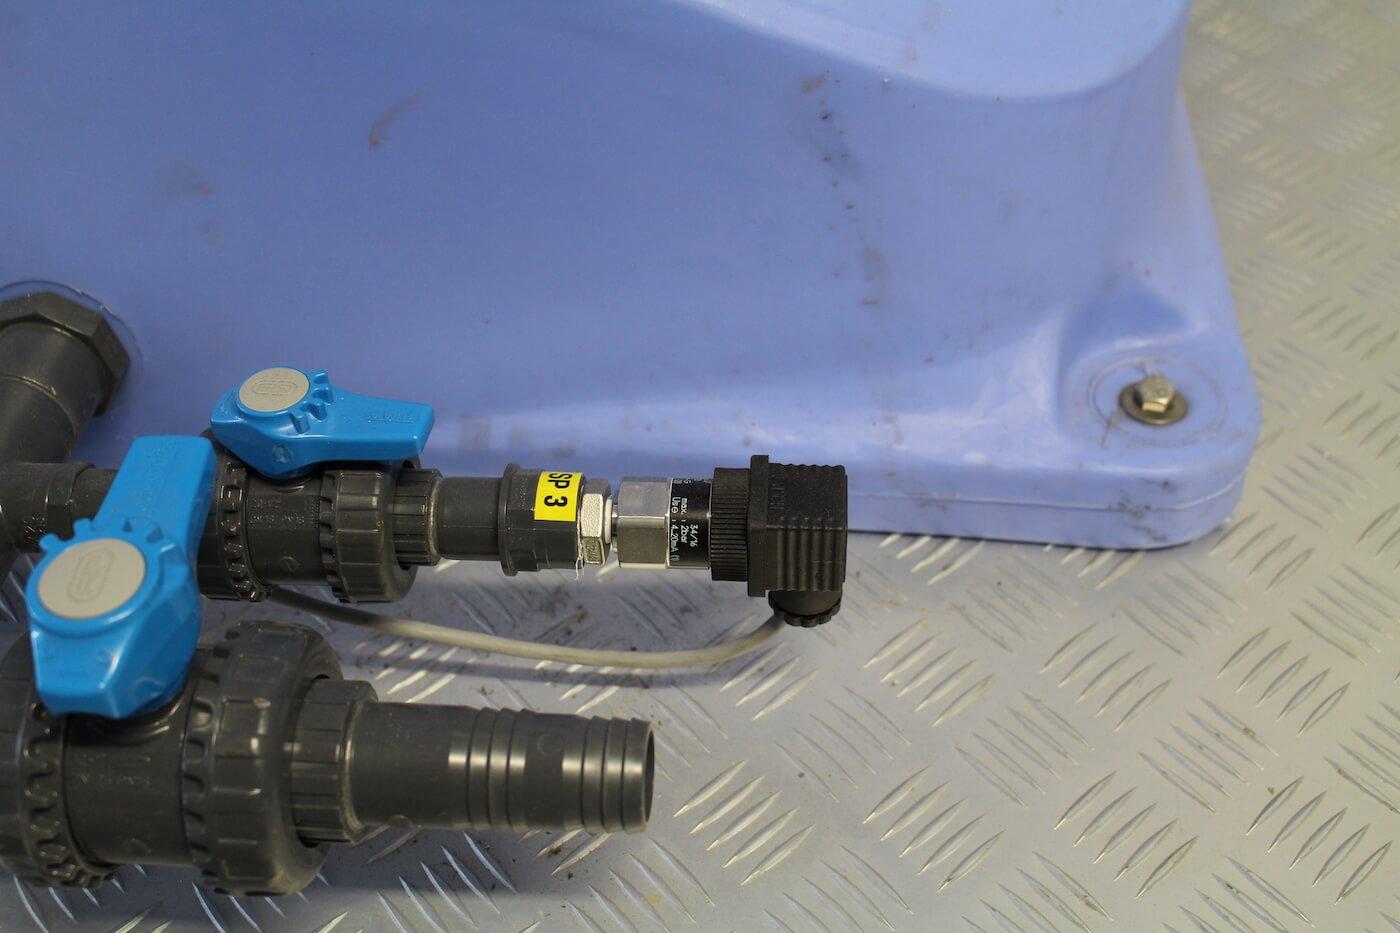 cz trattamento acque - impianti depurazione acqua filtrazione addolcimento osmosi inversa impianti container 10